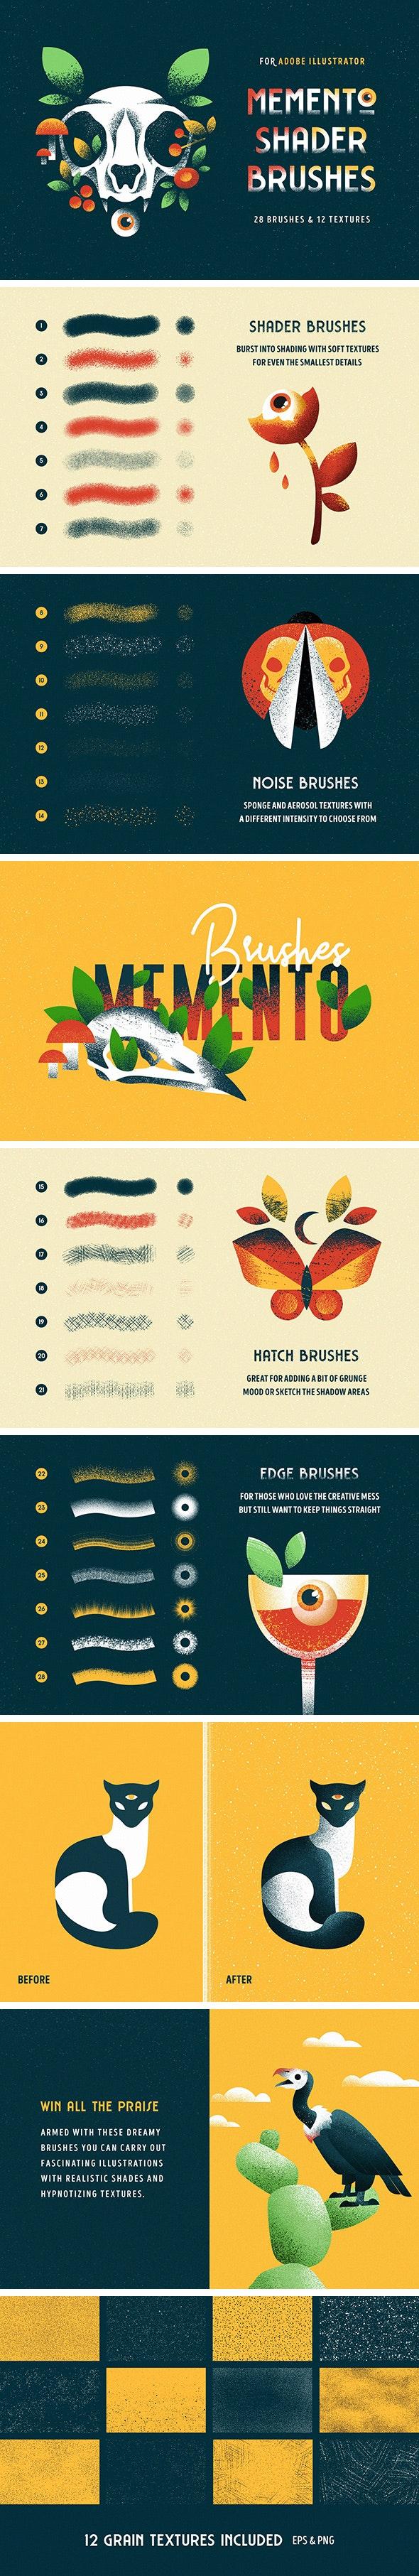 Shader Brushes for Illustrator - Grunge Brushes